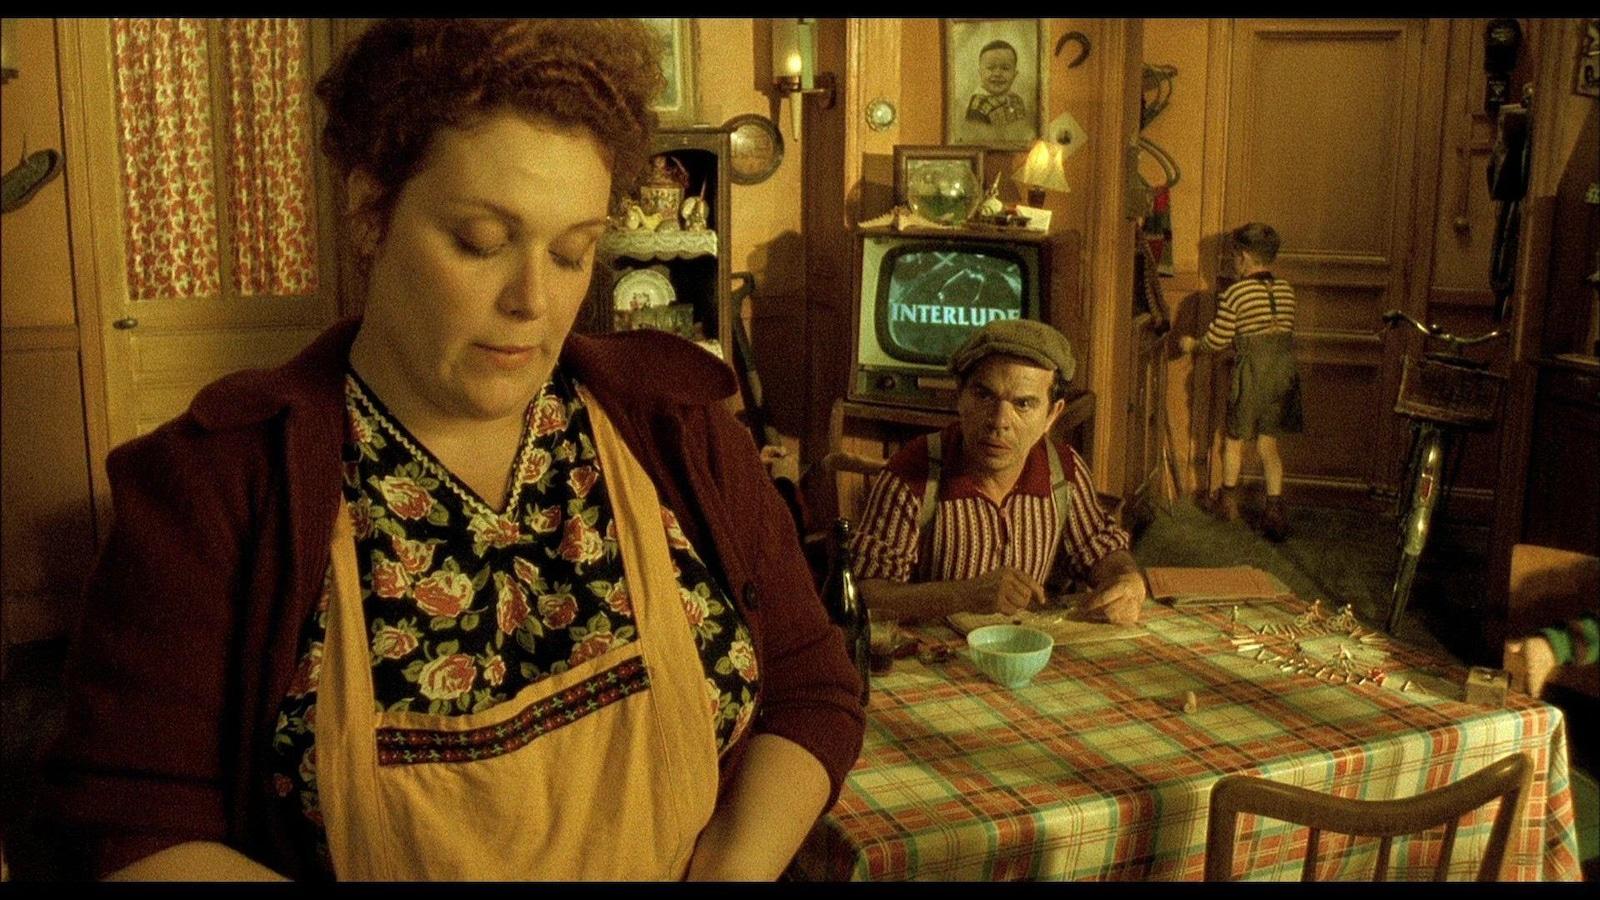 Un homme à table, une femme en tablier en avant-plan.